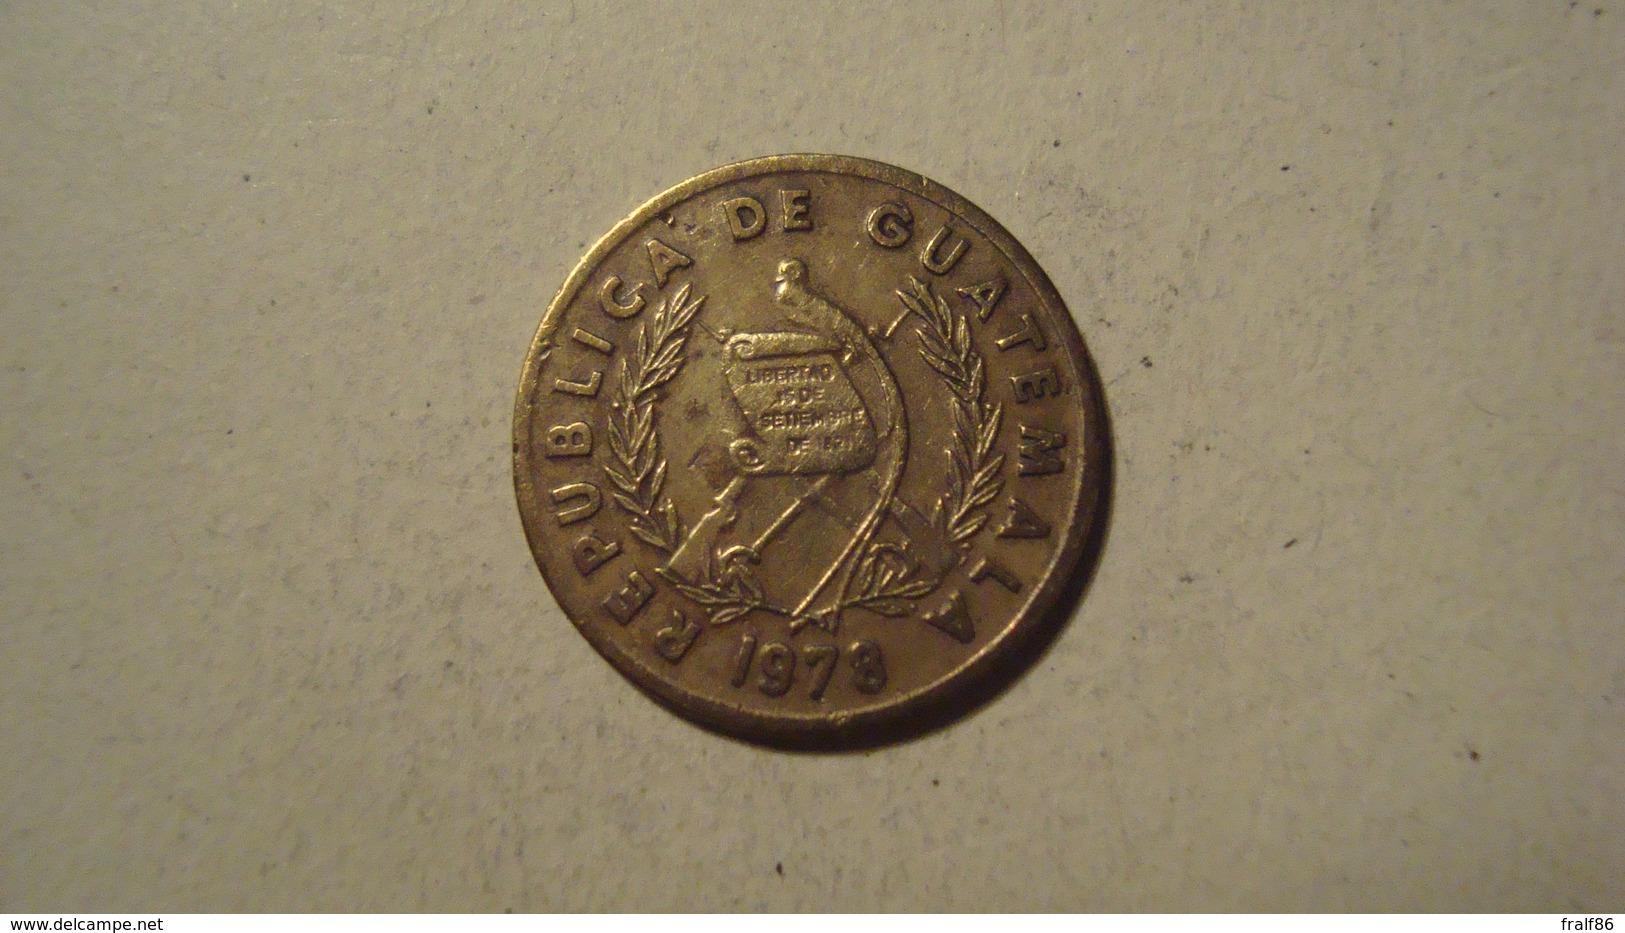 MONNAIE GUATEMALA 1 CENTAVO 1978 - Guatemala